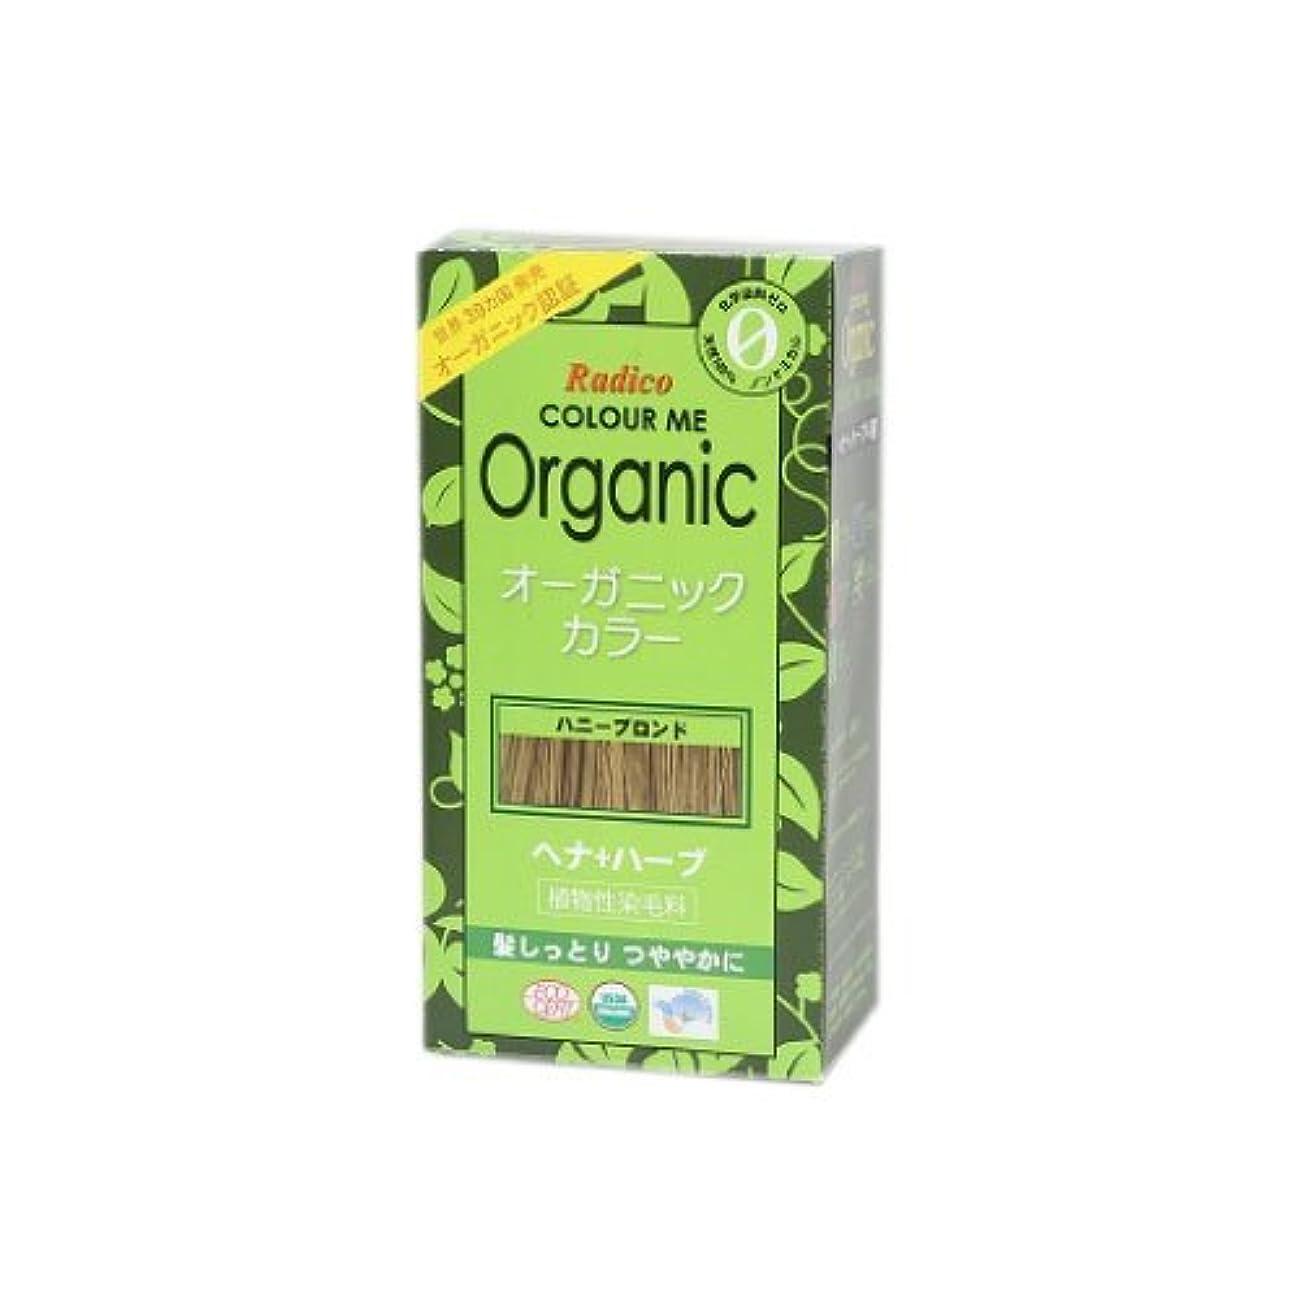 むしろ逃れるエジプト人COLOURME Organic (カラーミーオーガニック ヘナ 白髪用) ハニーブロンド 100g